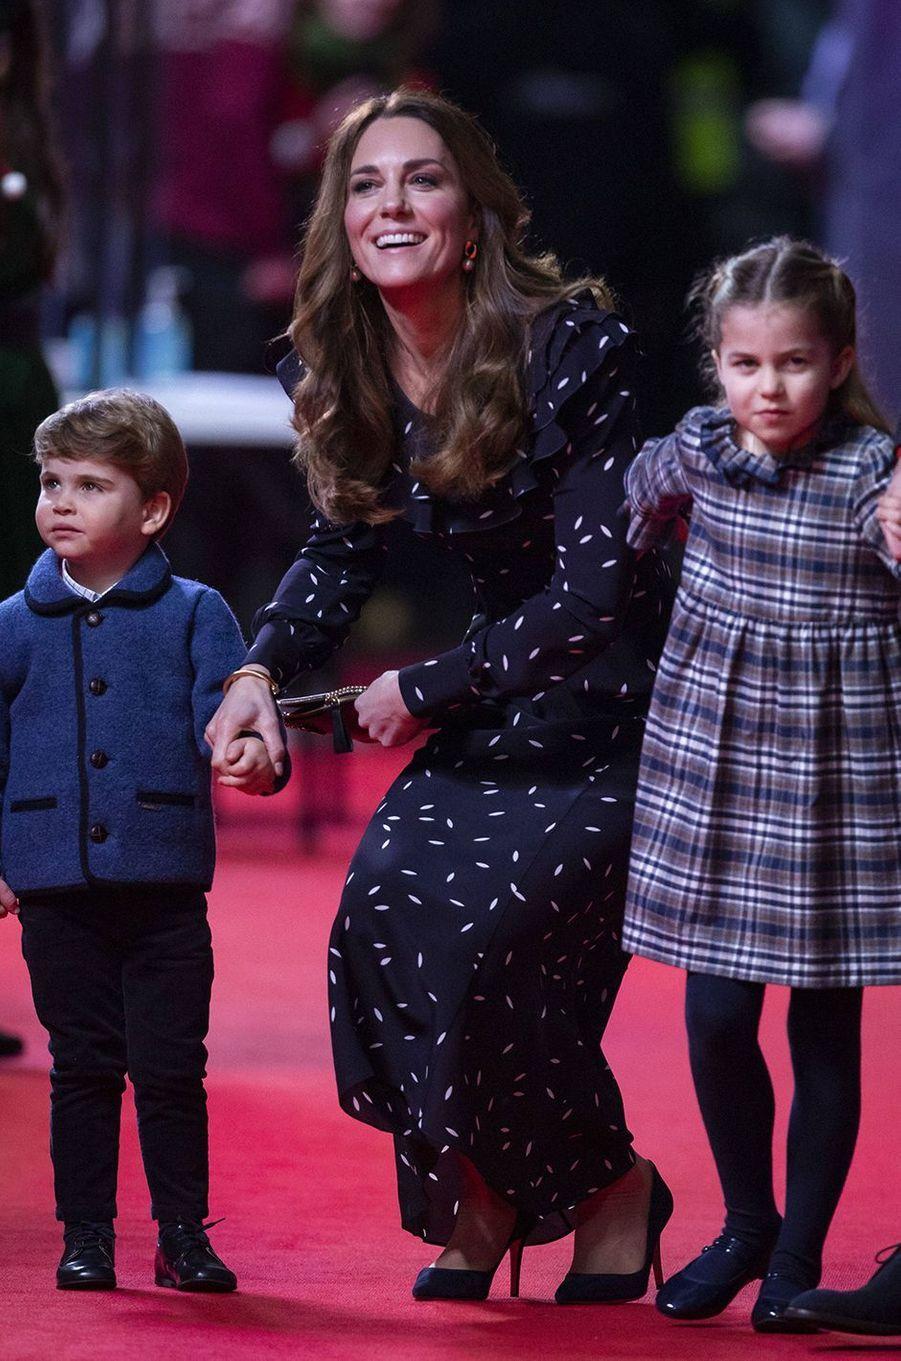 Kate Middleton avec ses enfants Louis et Charlotteau London's Palladium Theatre le 11 décembre 2020